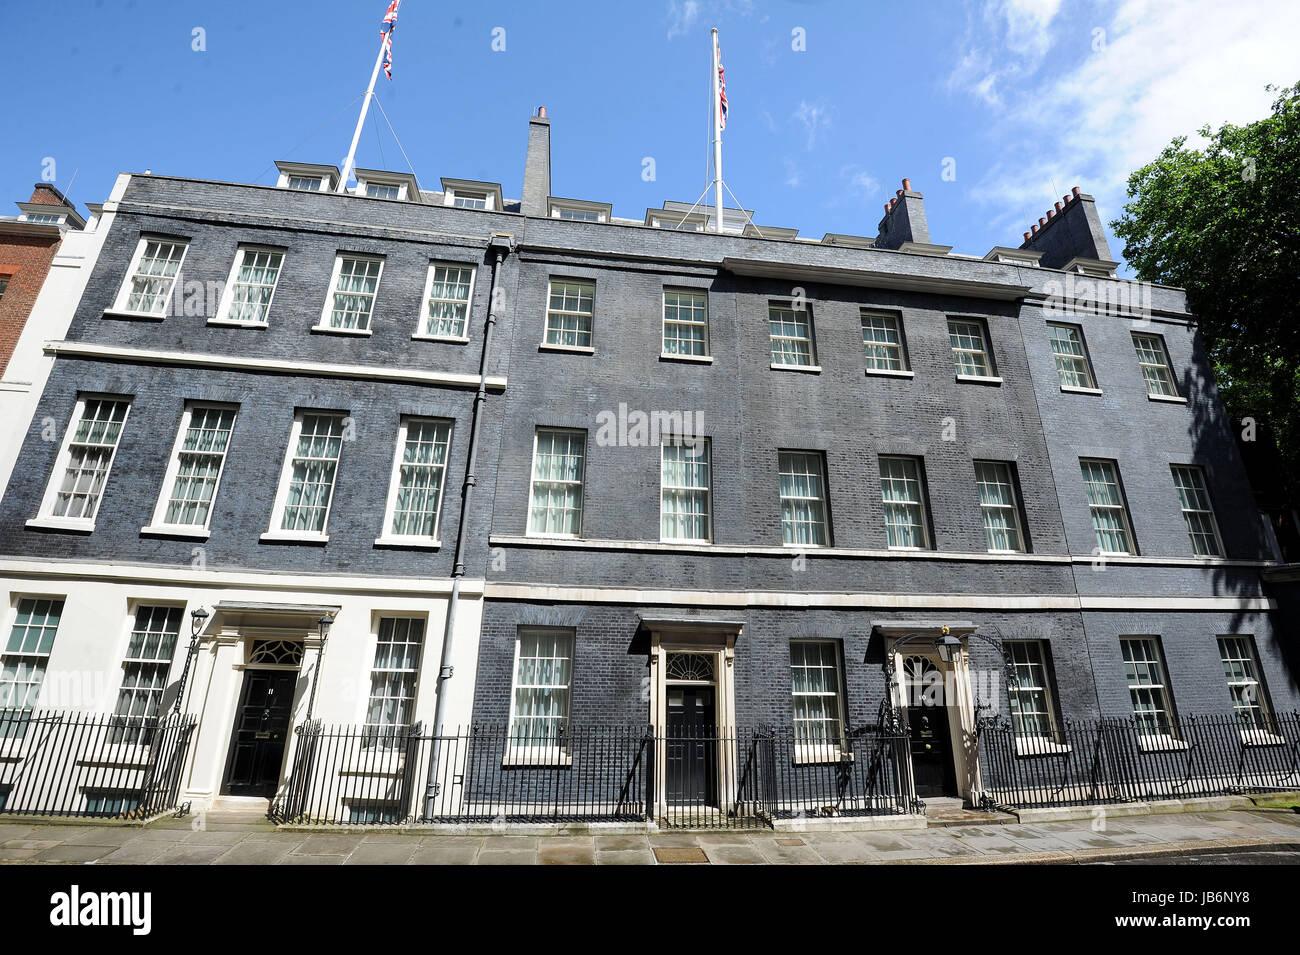 Downing Street, 10 Downing Street, 11 Downing Street, London, UK - Stock Image